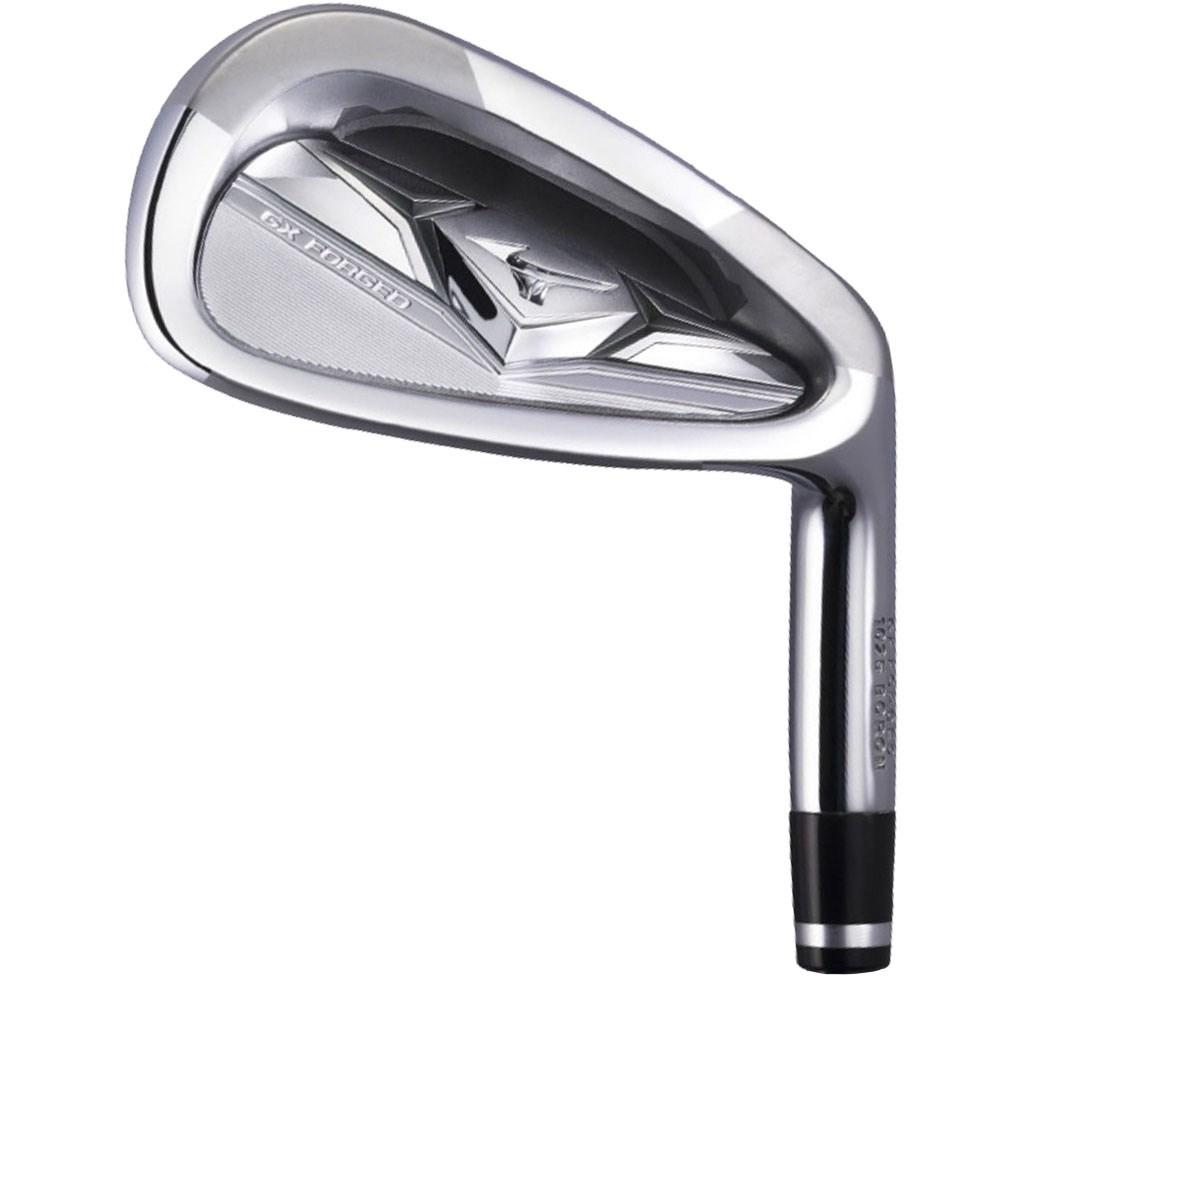 ミズノ GX FORGED アイアン(5本セット) N.S.PRO 950GH HT 軽量スチール ゴルフ